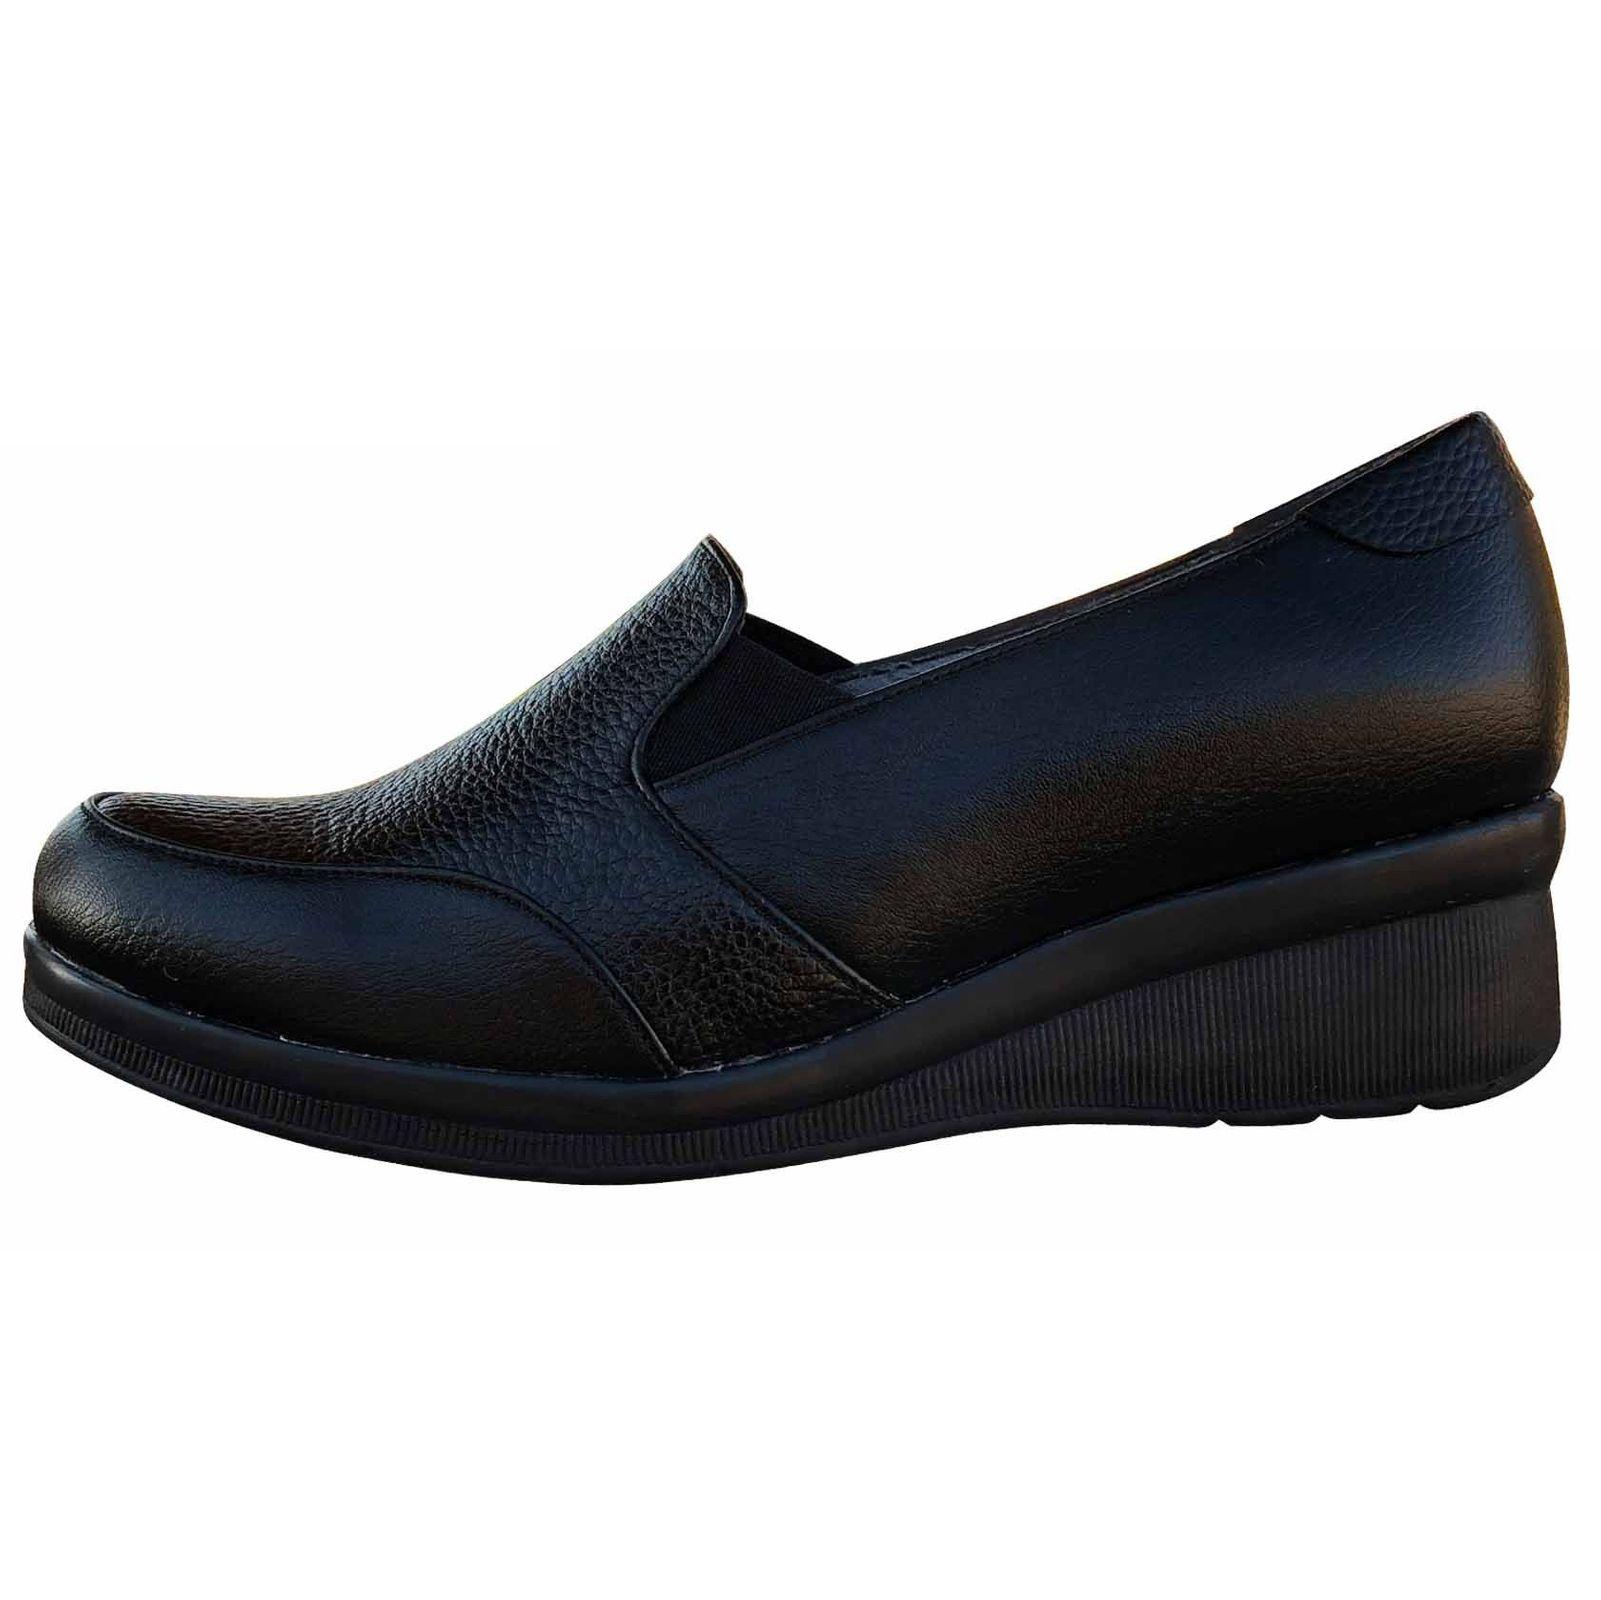 کفش طبی زنانه کد 2014 main 1 1